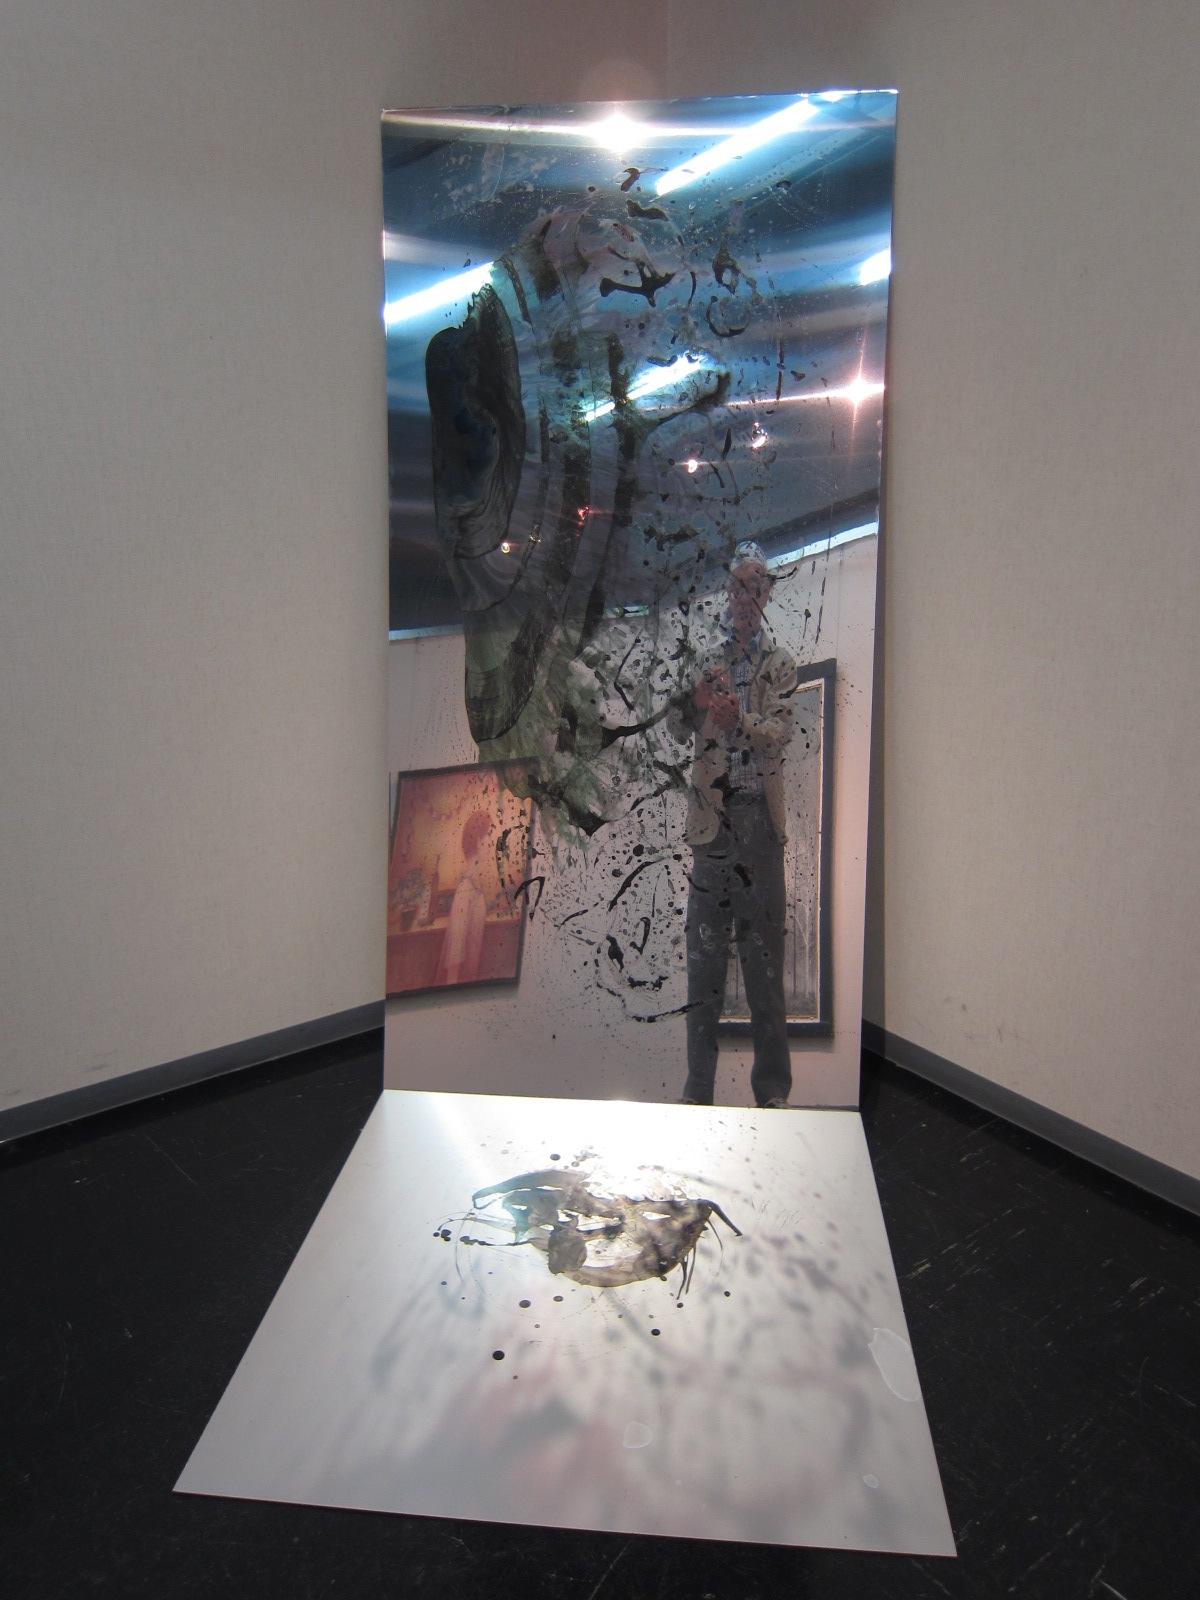 2072)②「北の日本画展 第28回」 時計台 終了5月20日(月)~5月25日(土)_f0126829_2303113.jpg